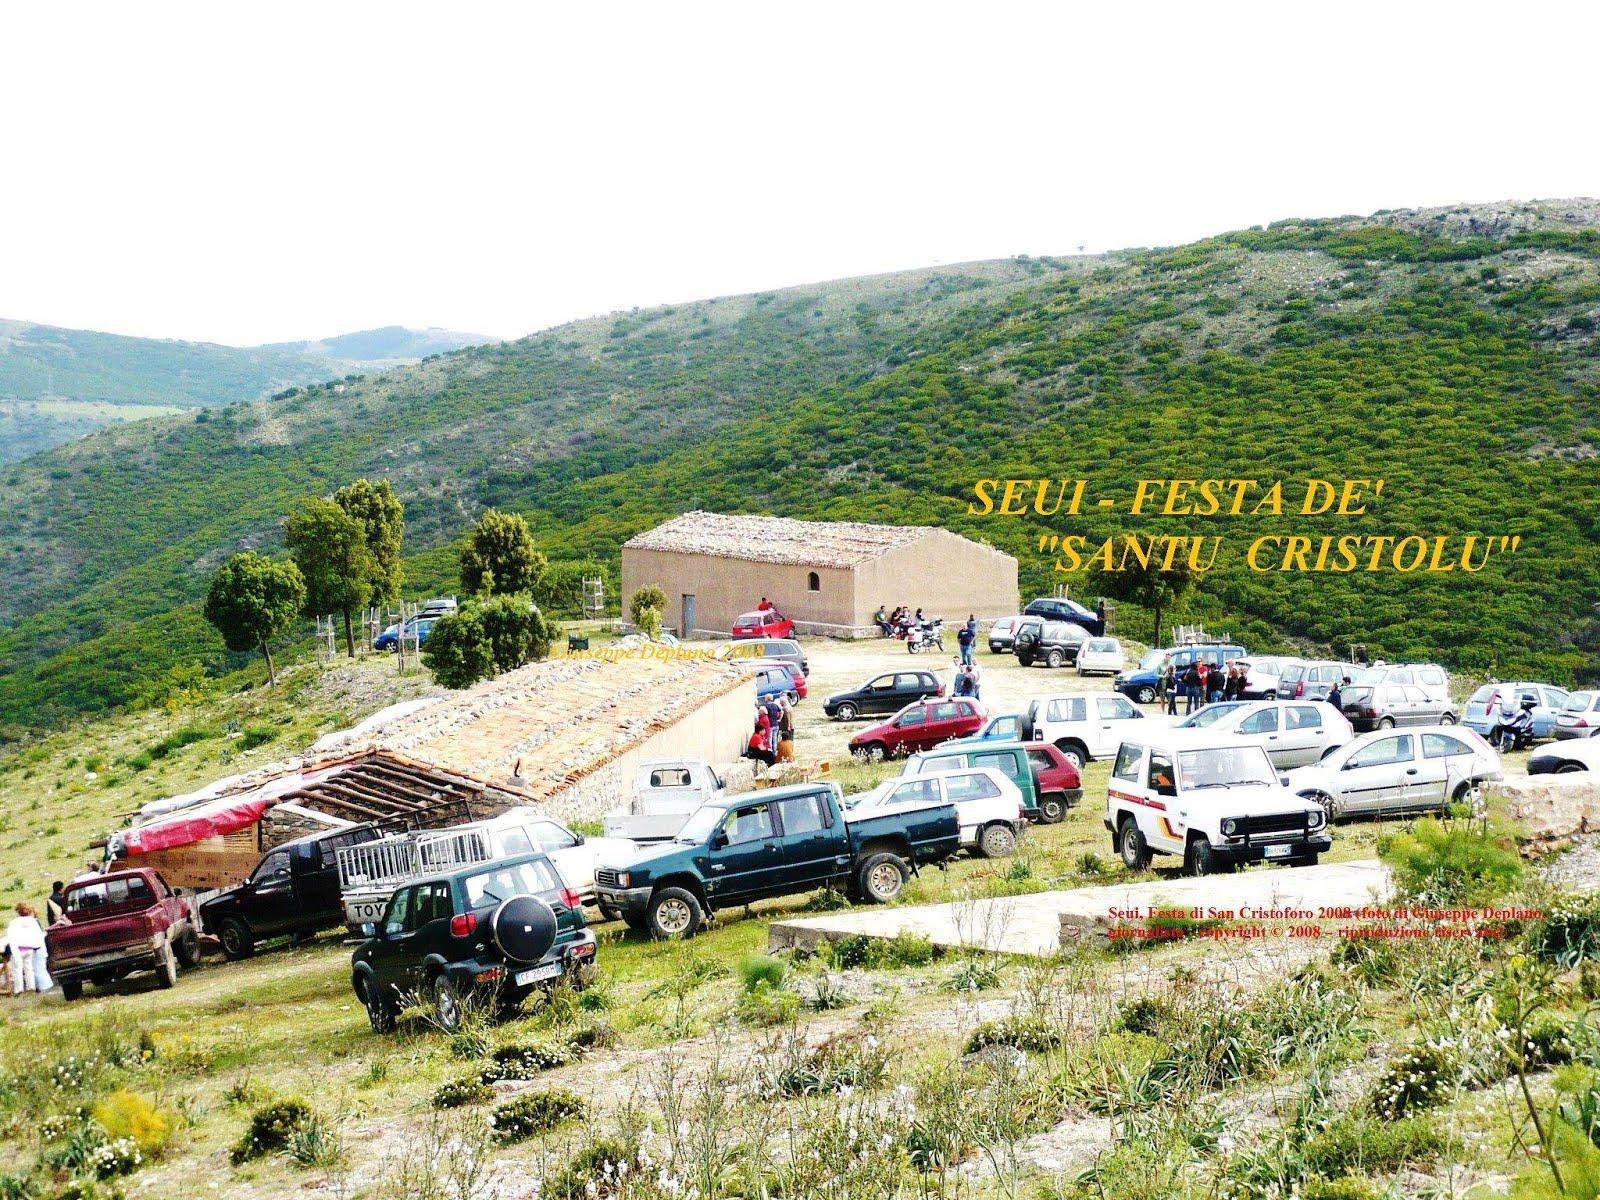 Seui - Festa Campestre di San Cristoforo Martire